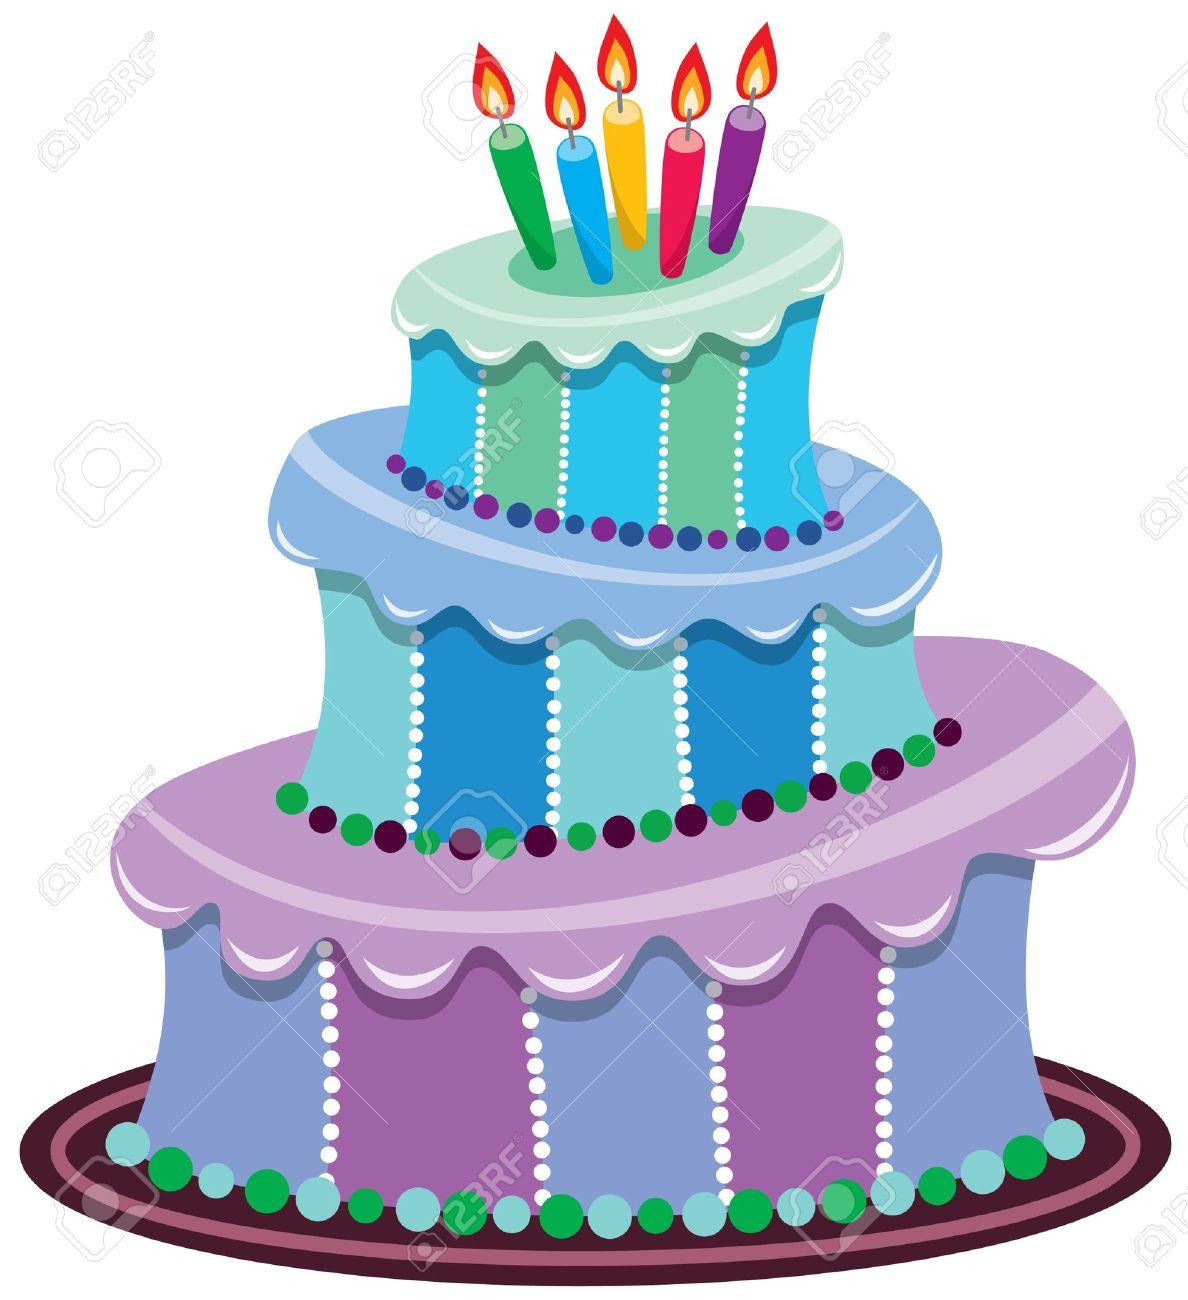 Grosse Geburtstagstorte Mit Brennende Kerzen Lizenzfrei Nutzbare